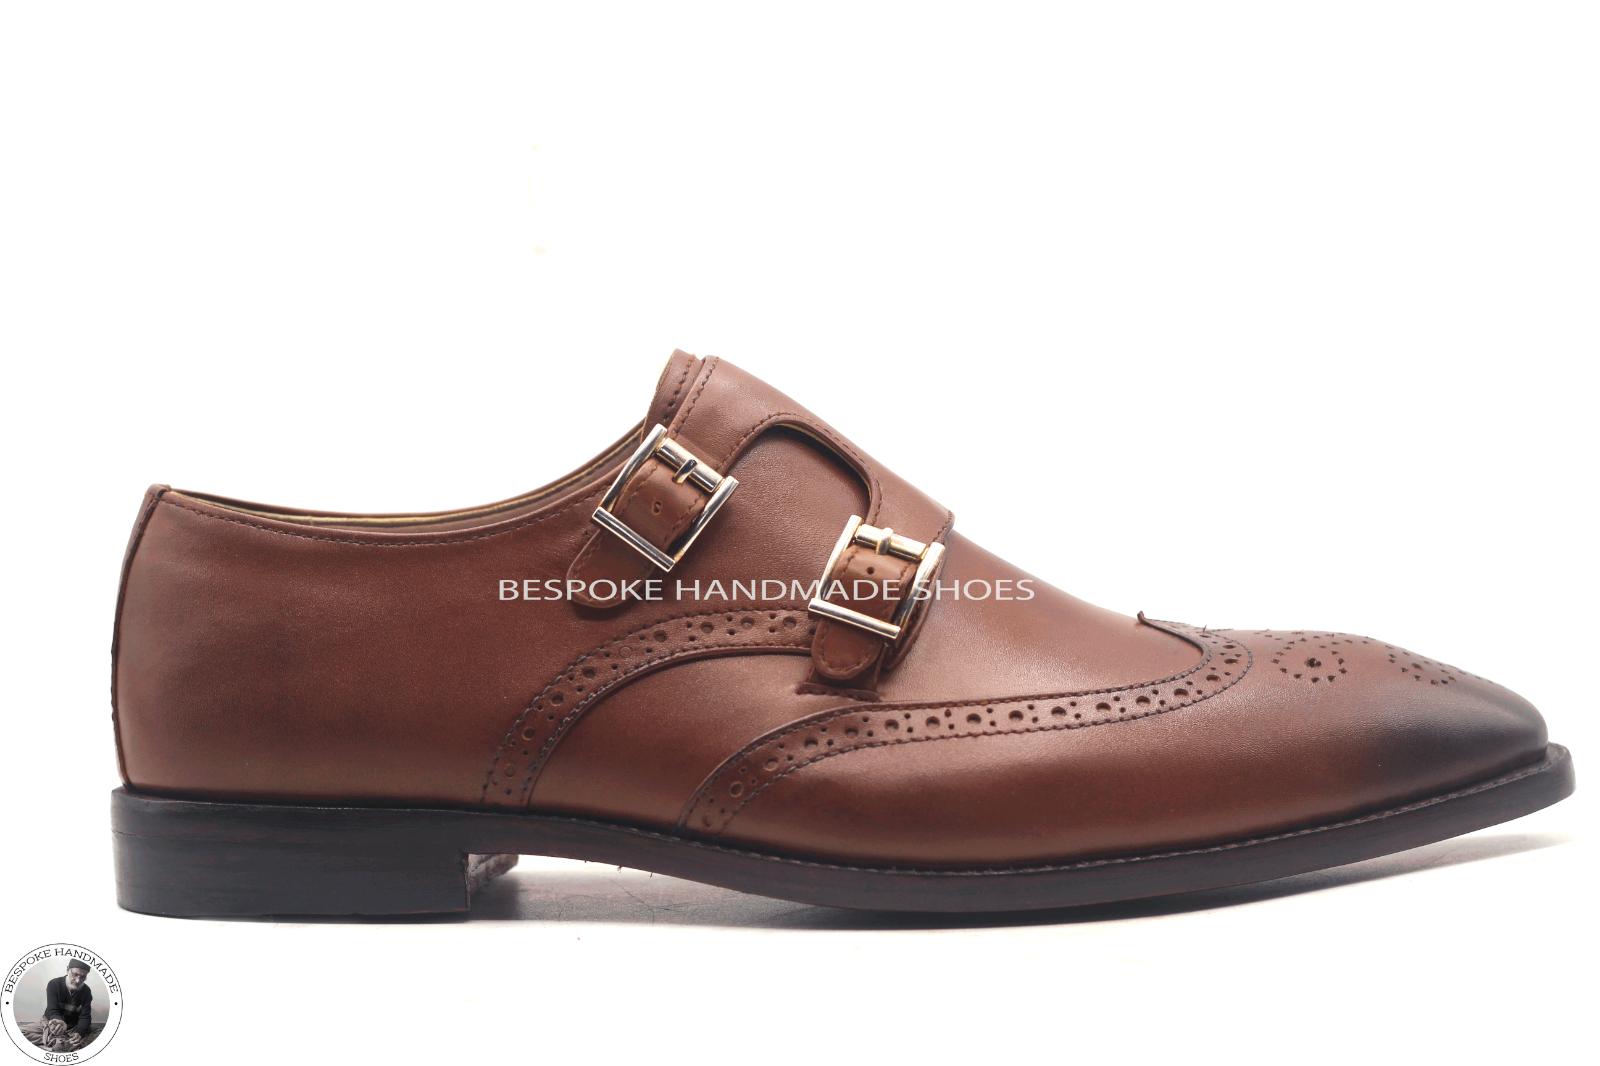 Handmade Herren braun Leather Double Monk Strap Flügelspitzen Brogue